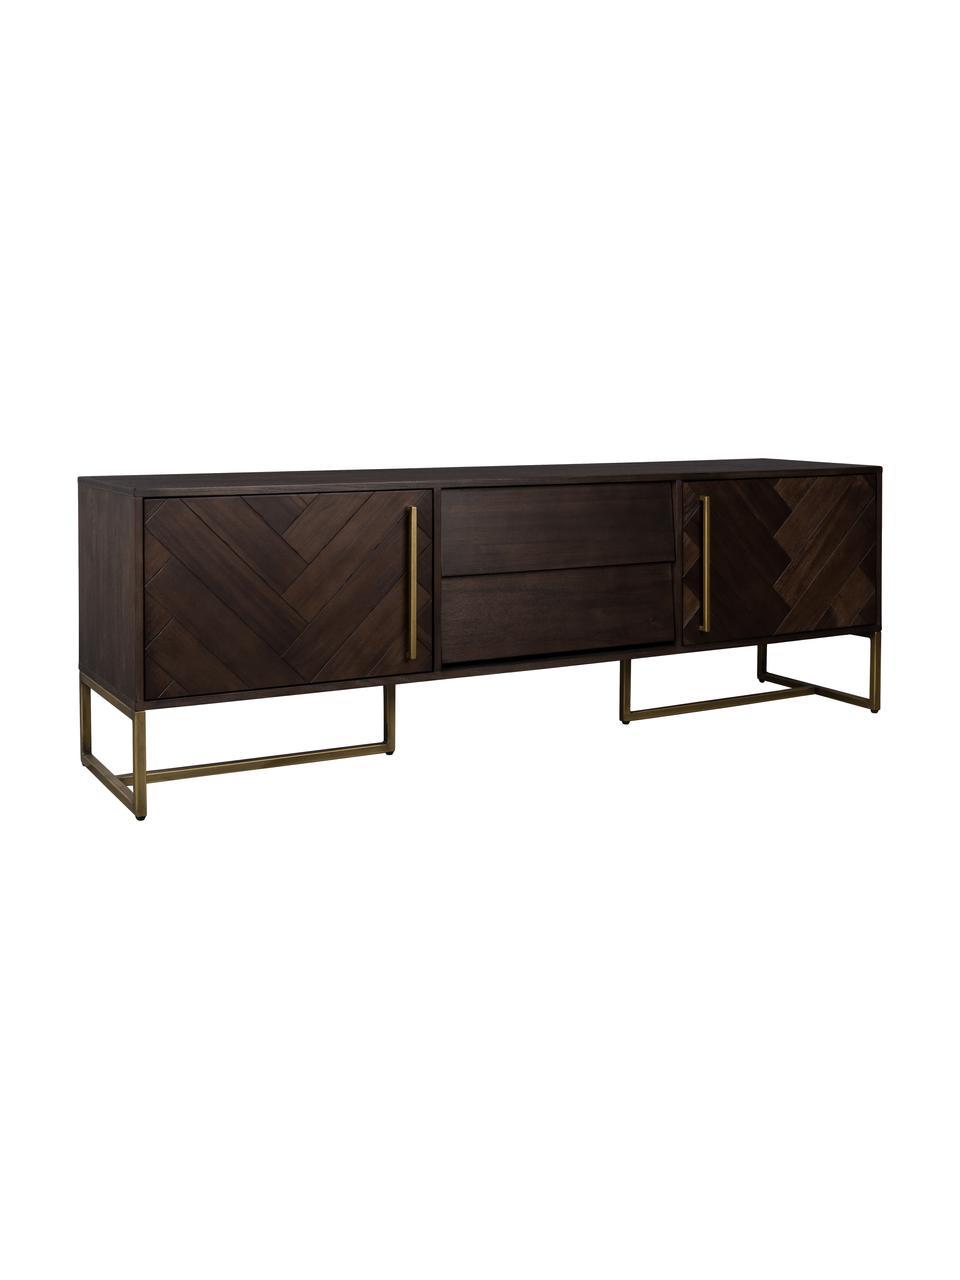 Visgraat dressoir Class met acaciahoutfineer, Frame: MDF met acaciahout, Frame: bruin. Poten en handgrepen: messingkleurig, 180 x 60 cm